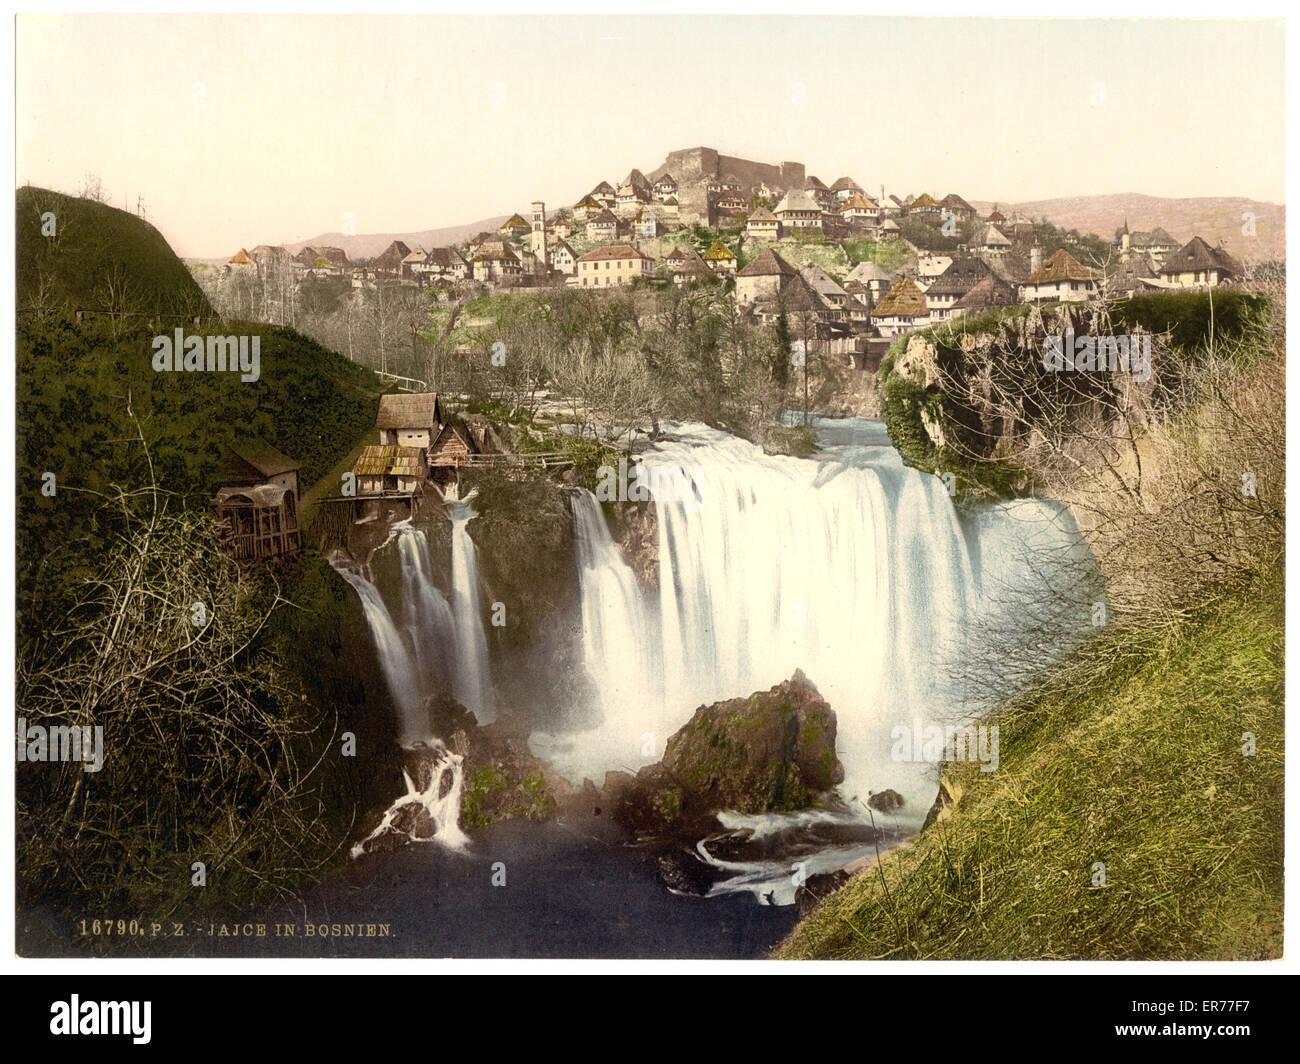 Jajce, Bosnia, Austro-Hungary. Date between ca. 1890 and ca. 1900. - Stock Image